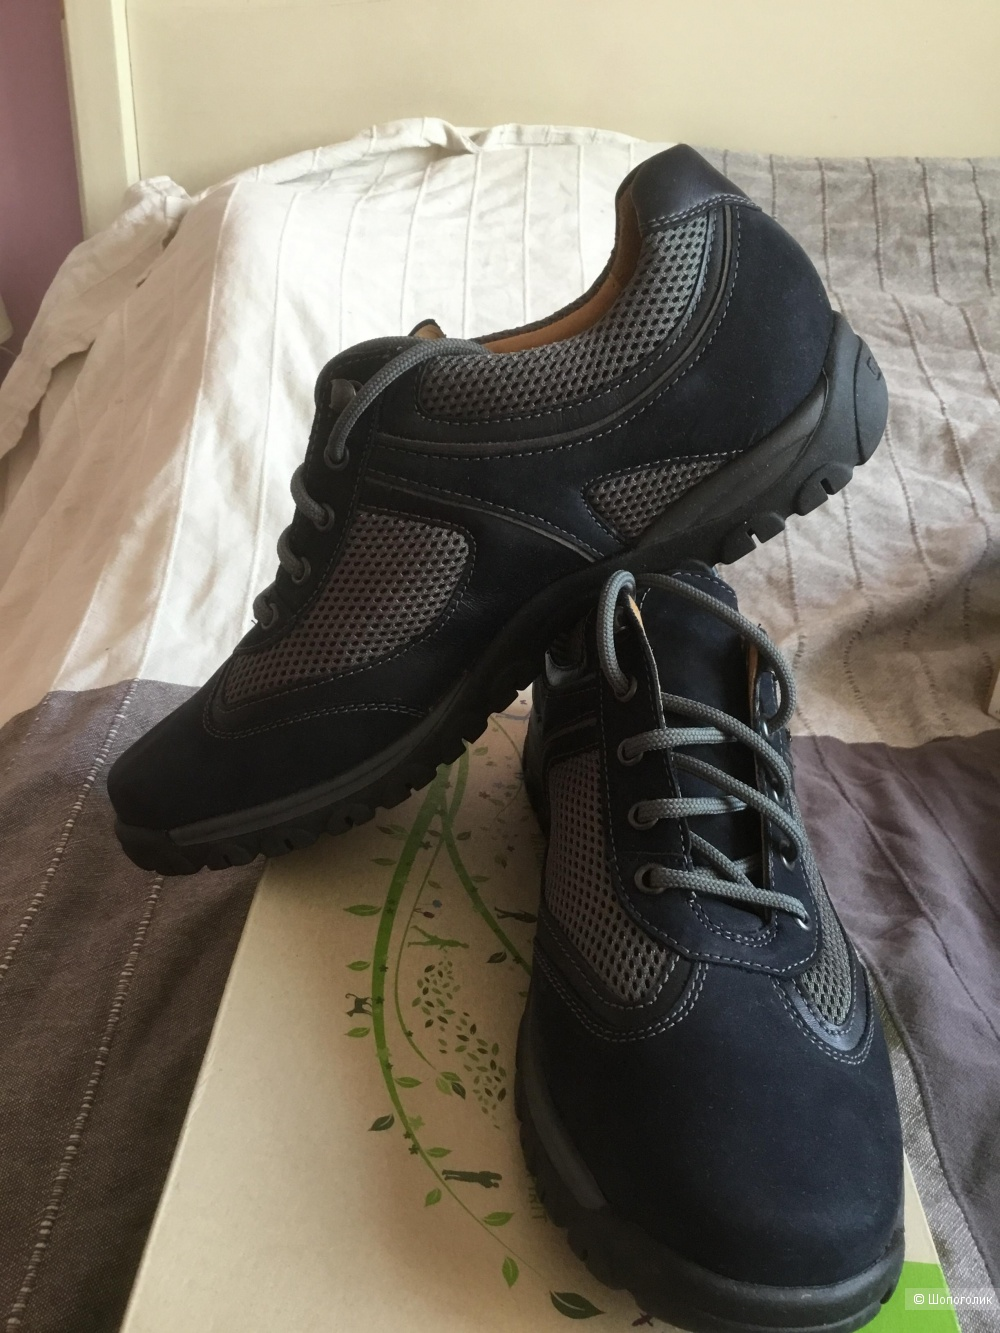 Ортопедические ботинки Ganter, размер 6